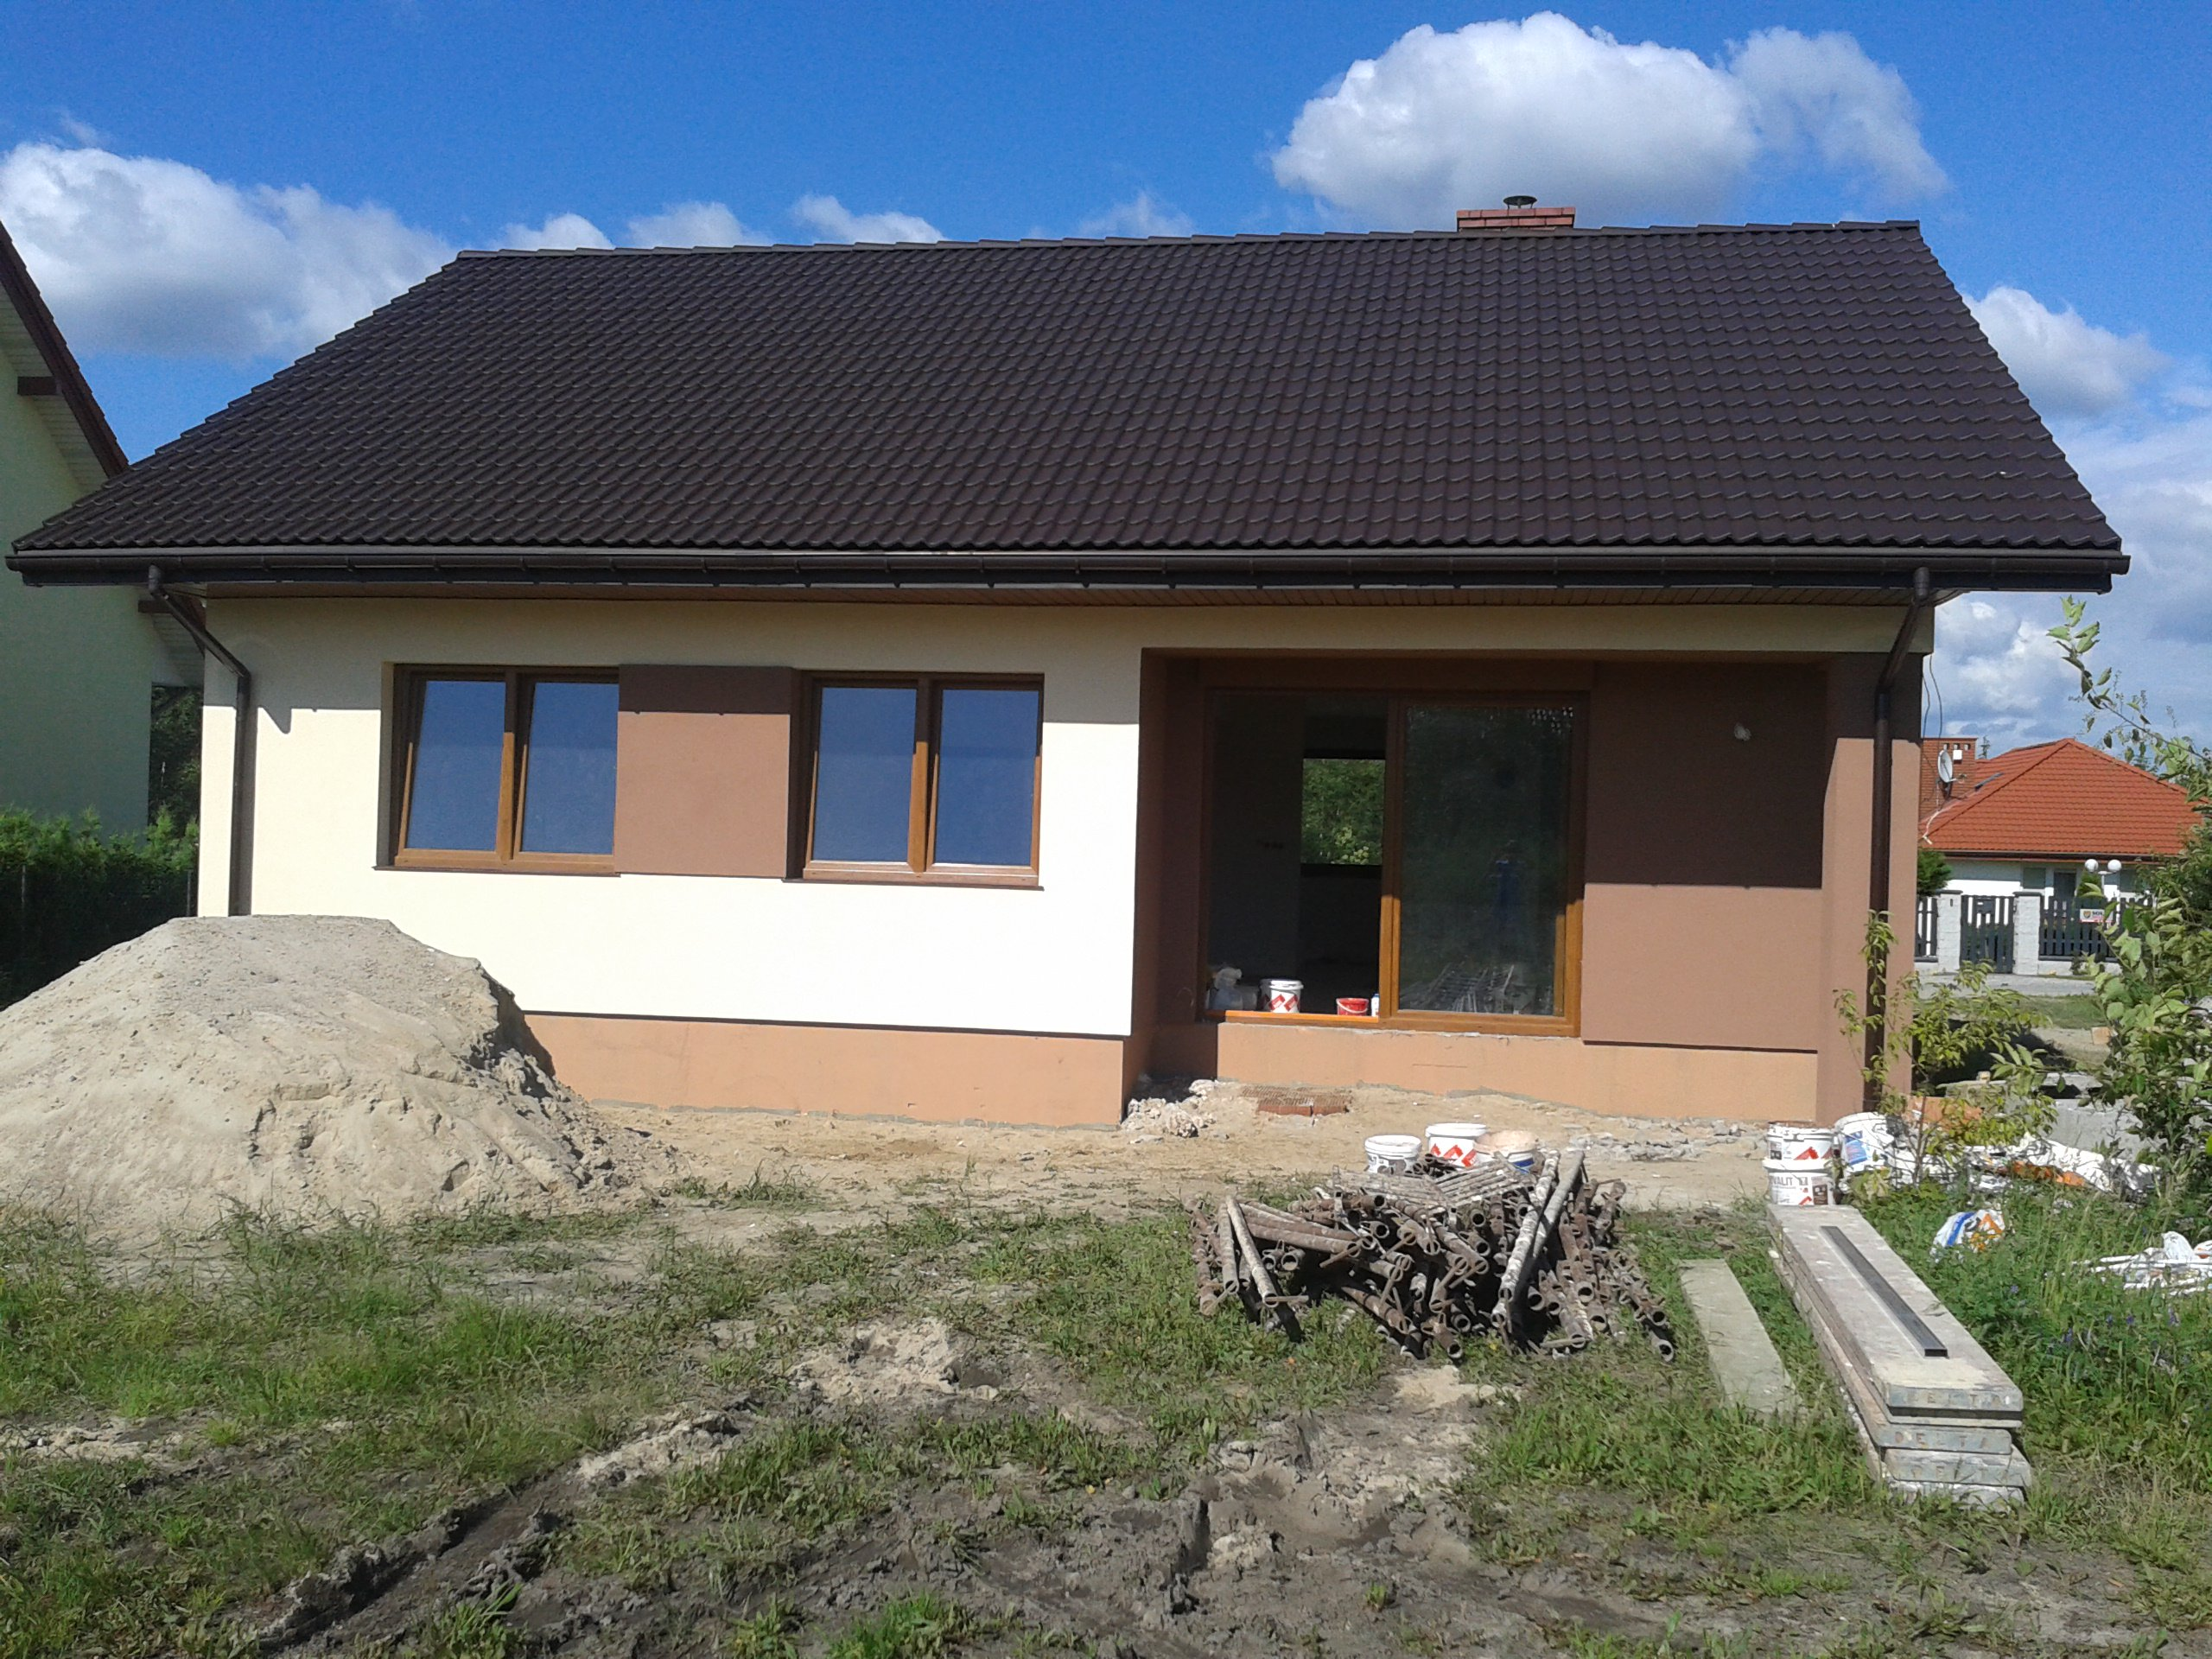 projekt-domu-dom-dla-trojga-fot-2-1374829944-omcncxbo.jpg